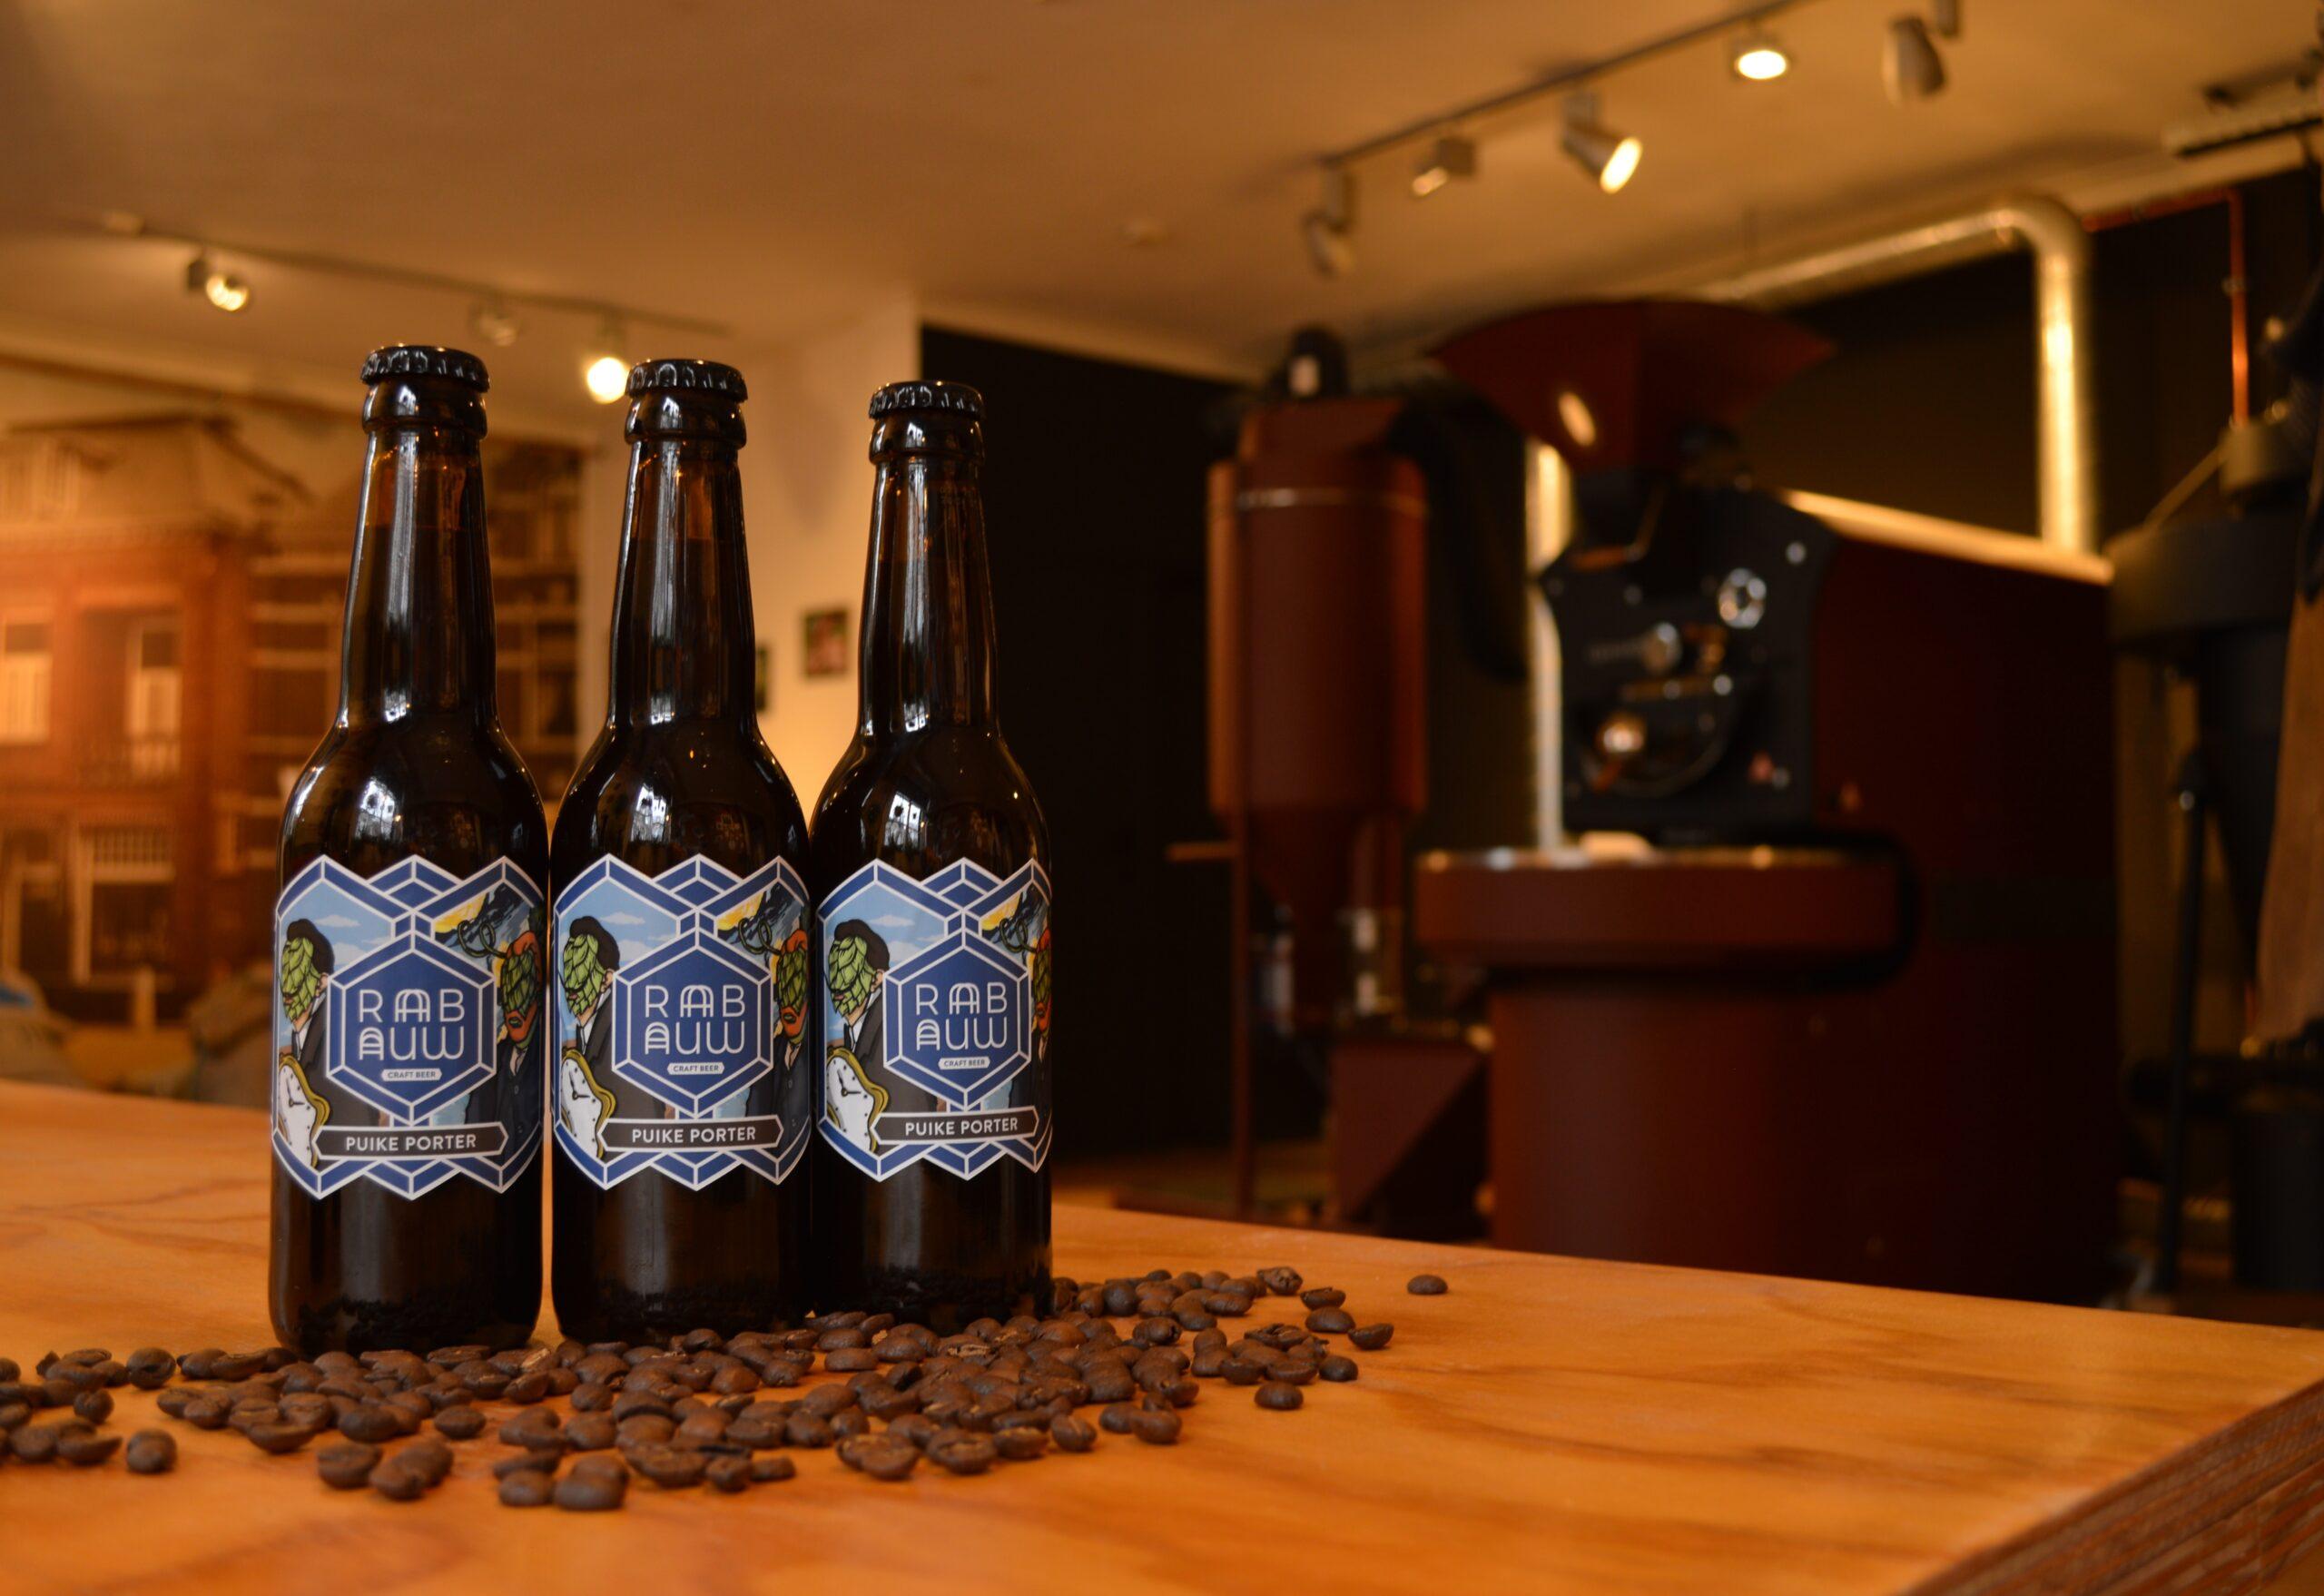 Rabauw Koffie Bier